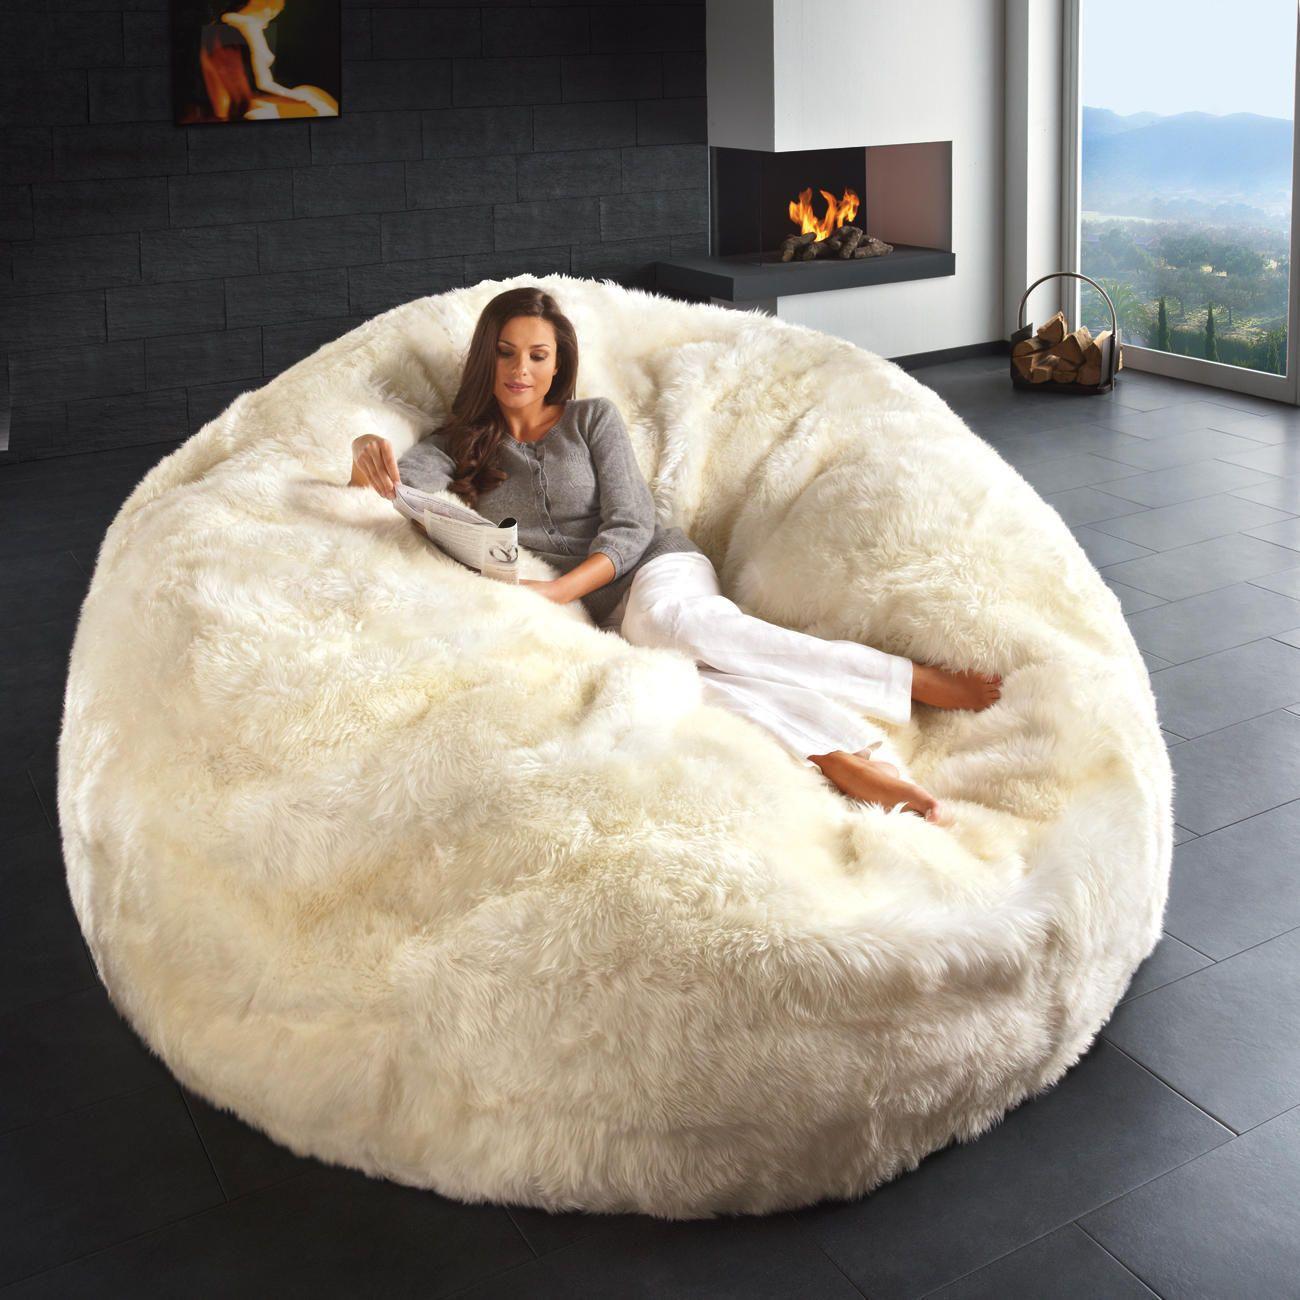 lammfell-sitzsack oder gigantischer lammfell-sitzsack | random, Wohnzimmer dekoo